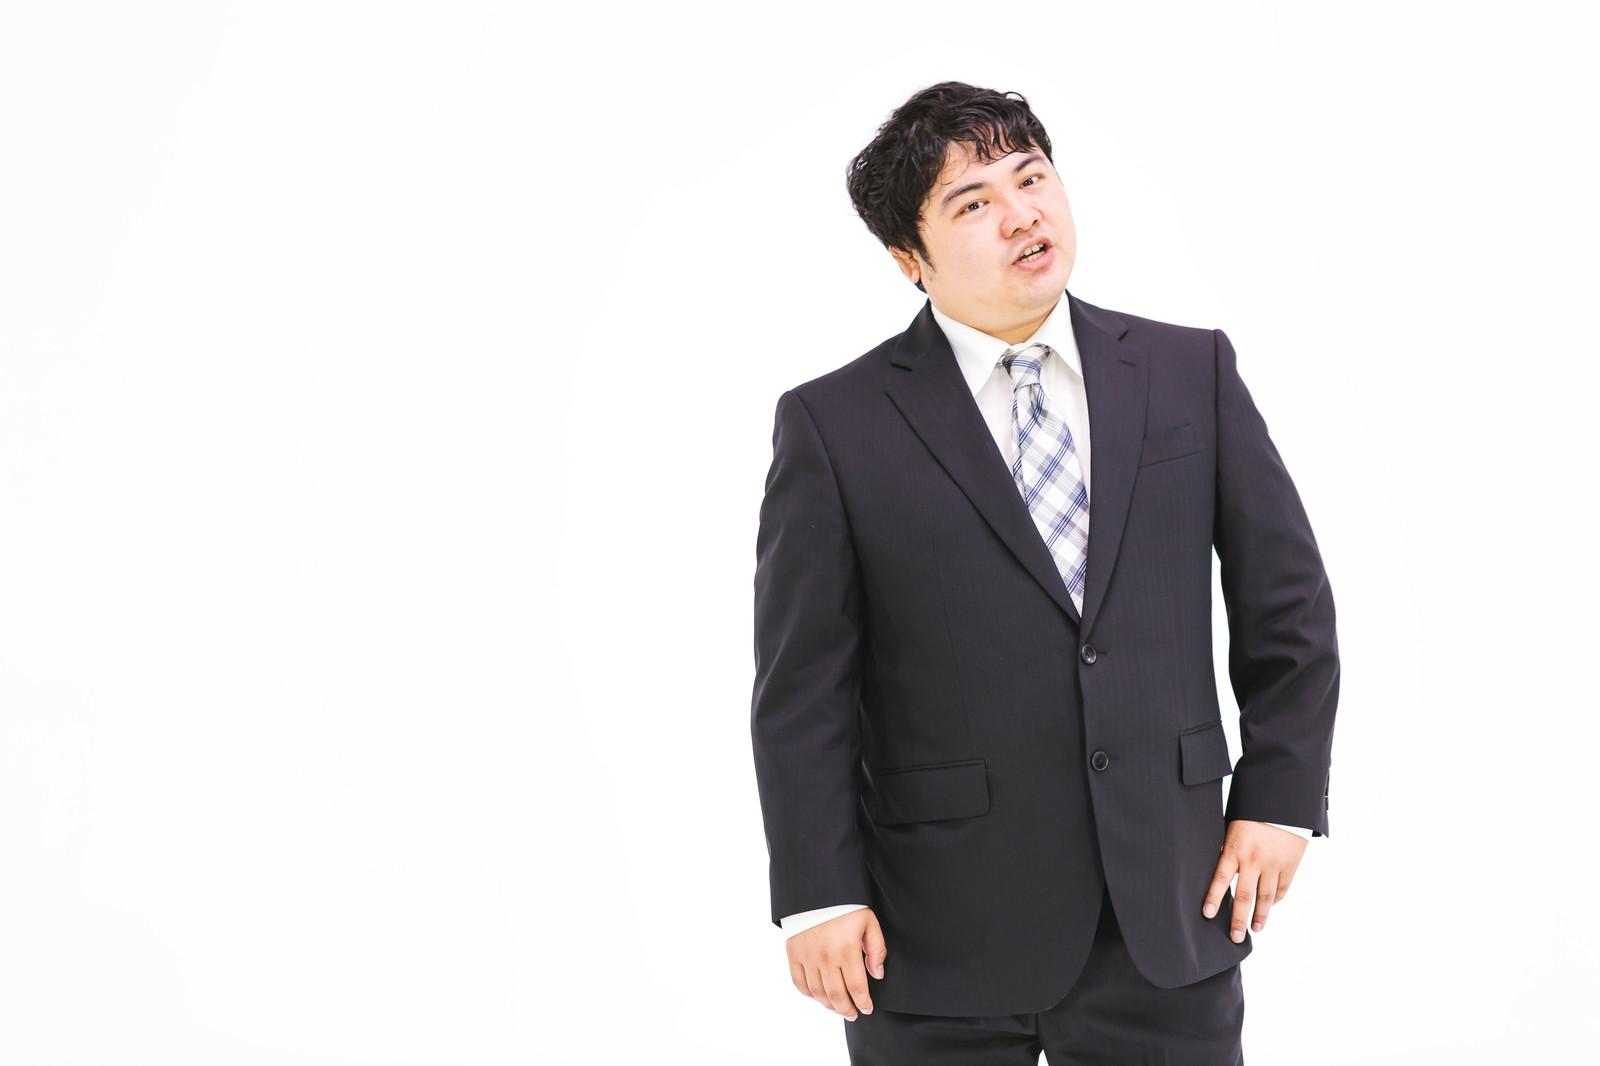 20代男性におすすめの転職サイト(エンジニア) – Brilliant ...